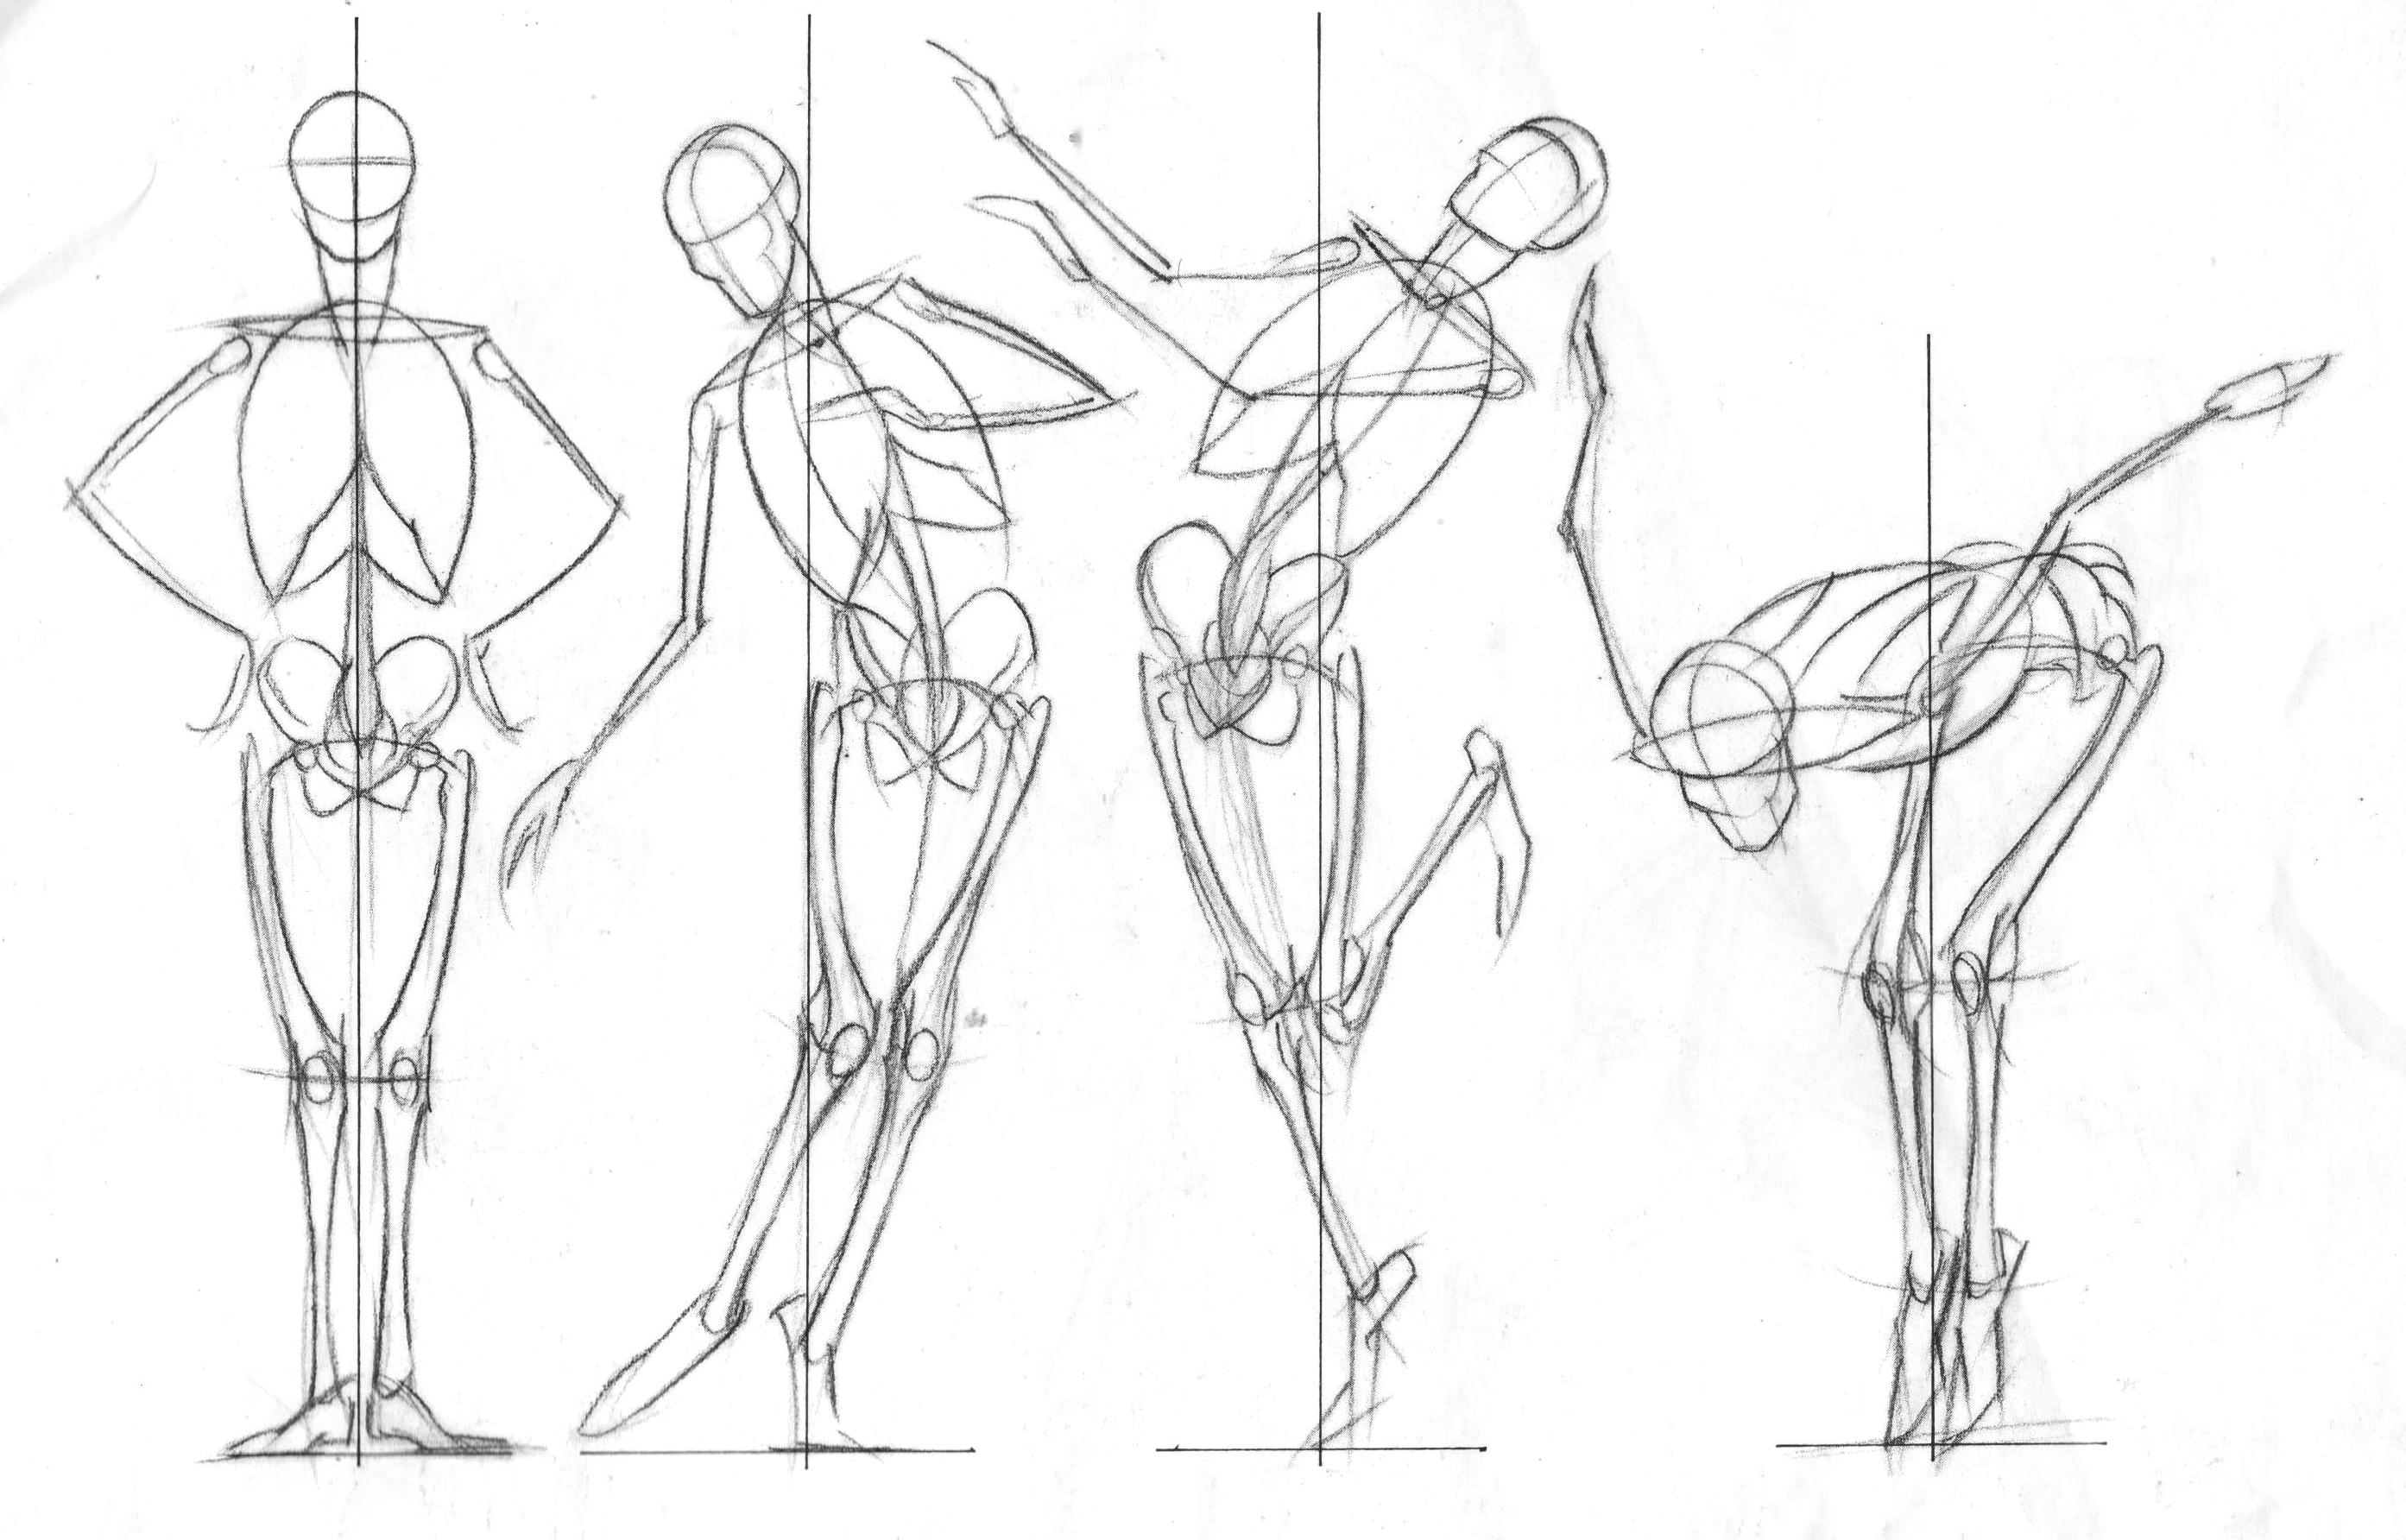 Magnífico De Dibujos Animados Anatomía Femenina Ilustración ...